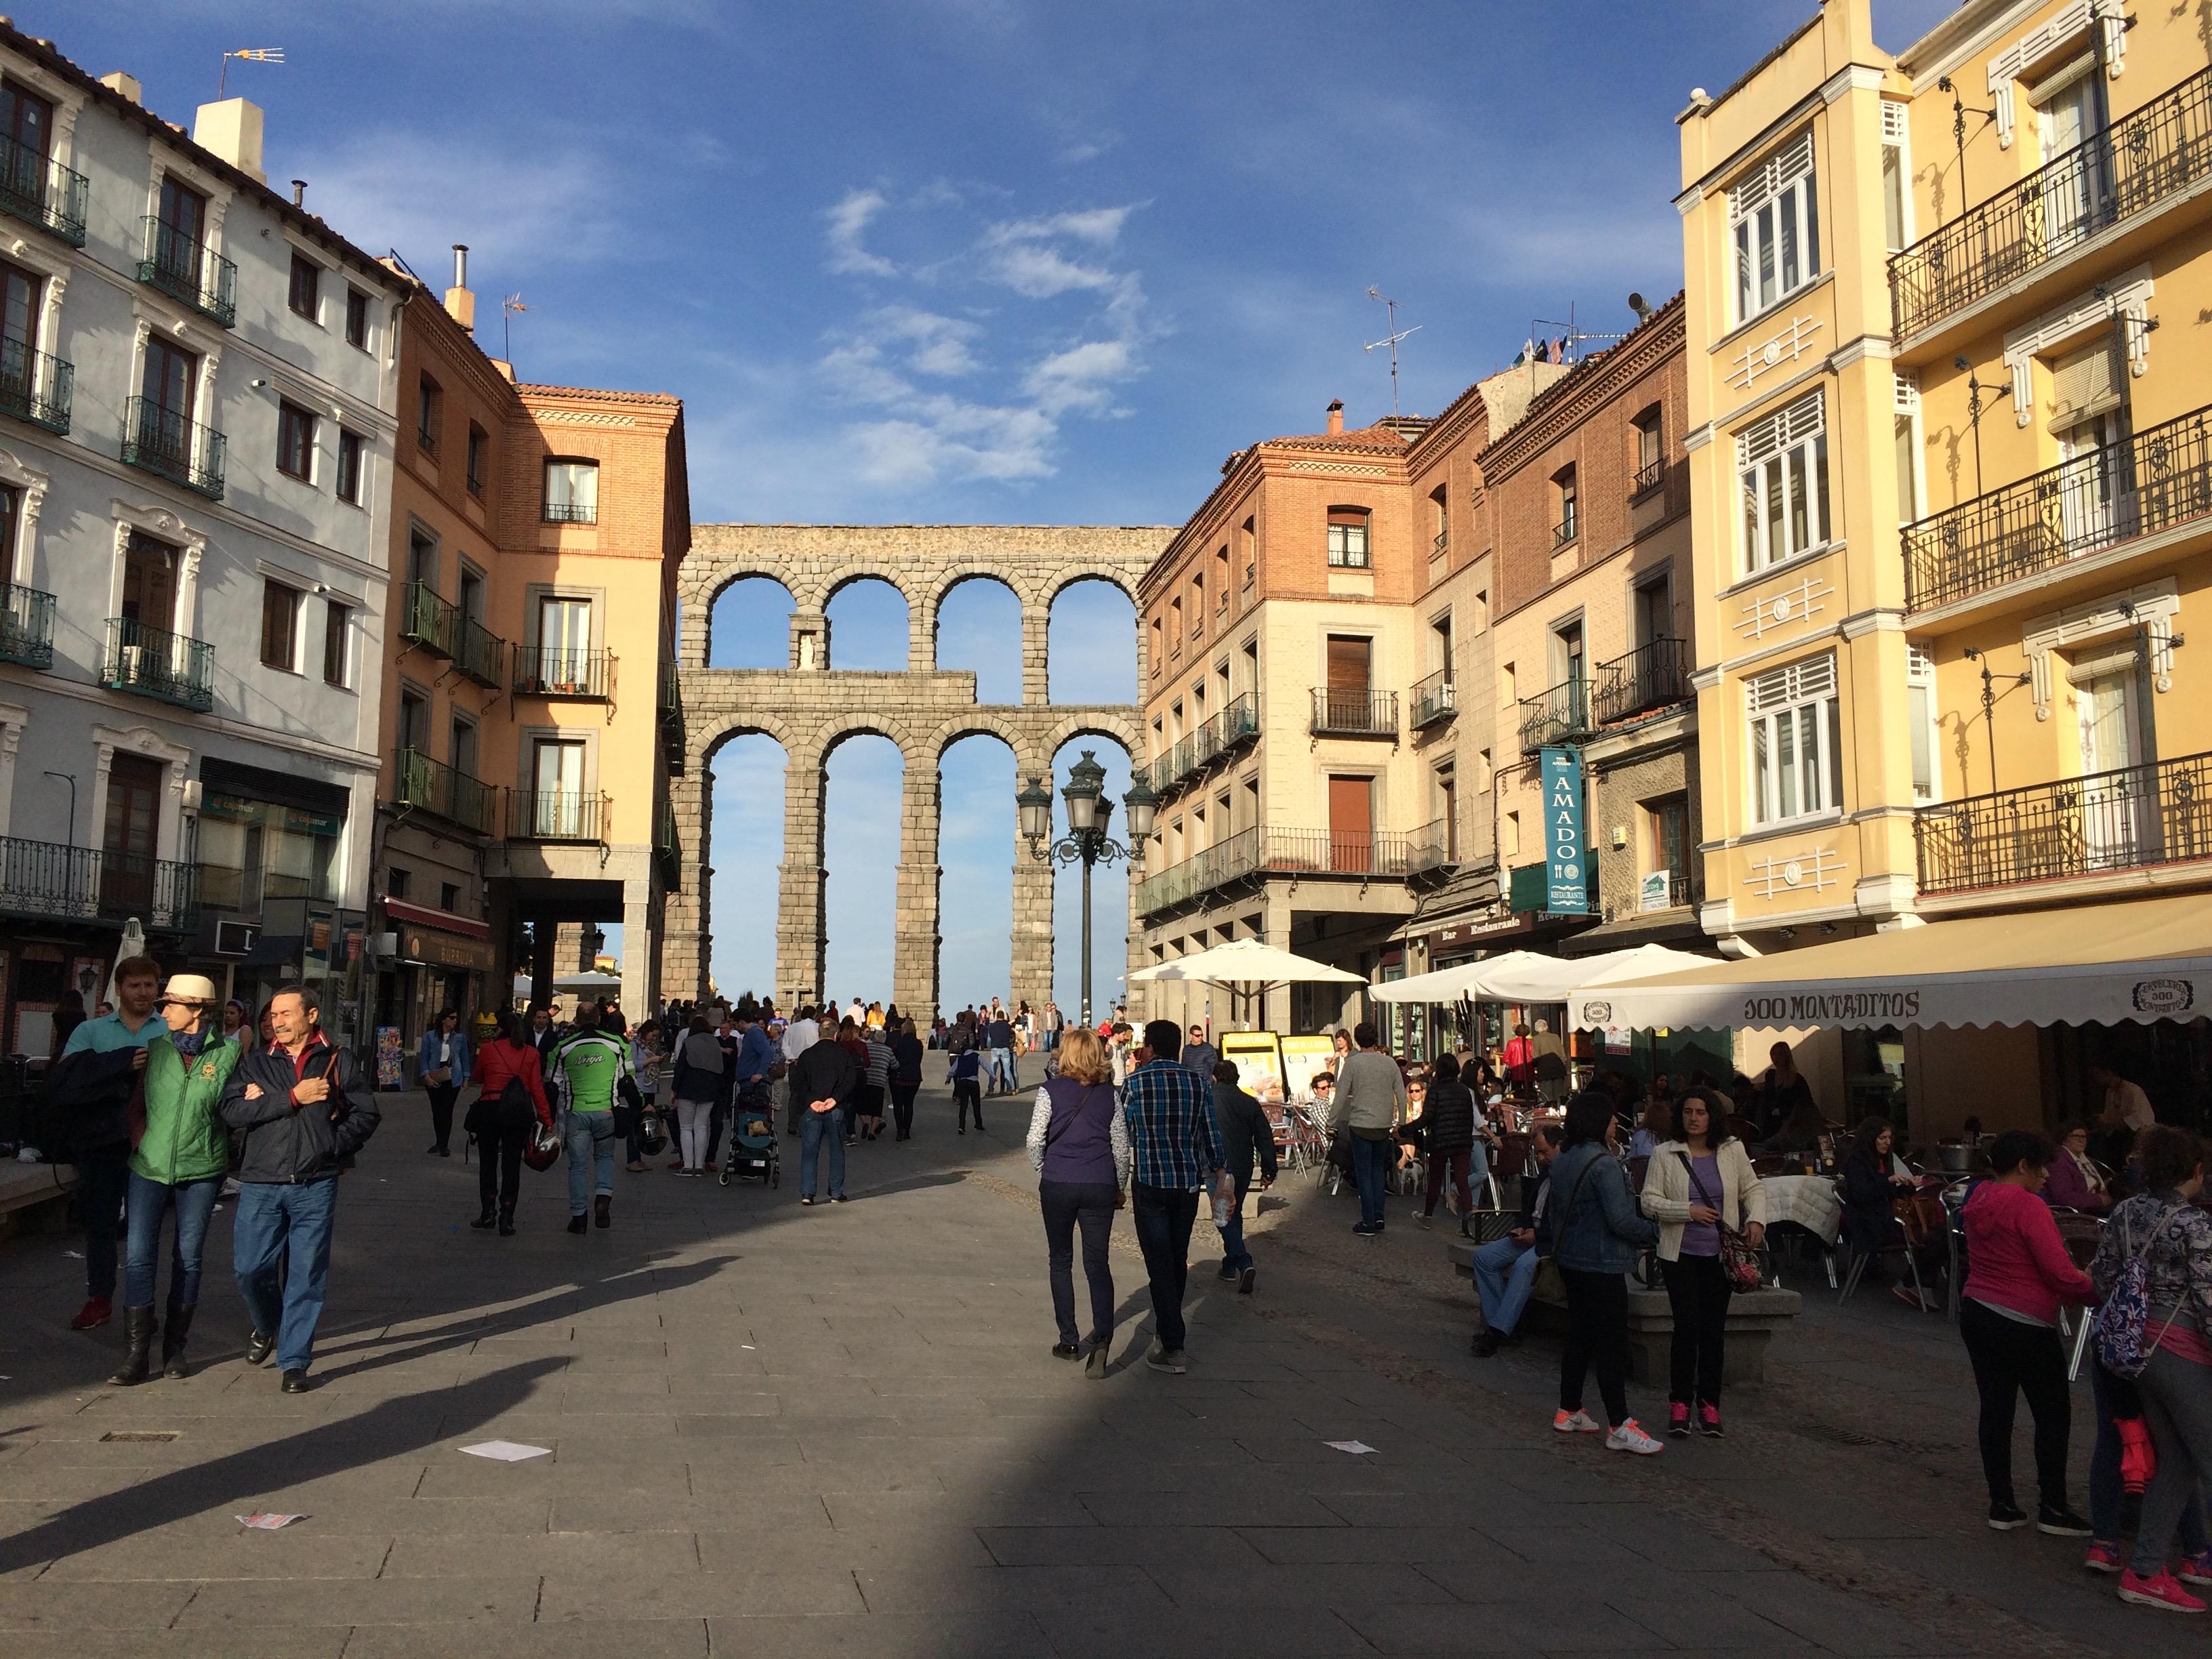 Segovia aqueduct centre of town